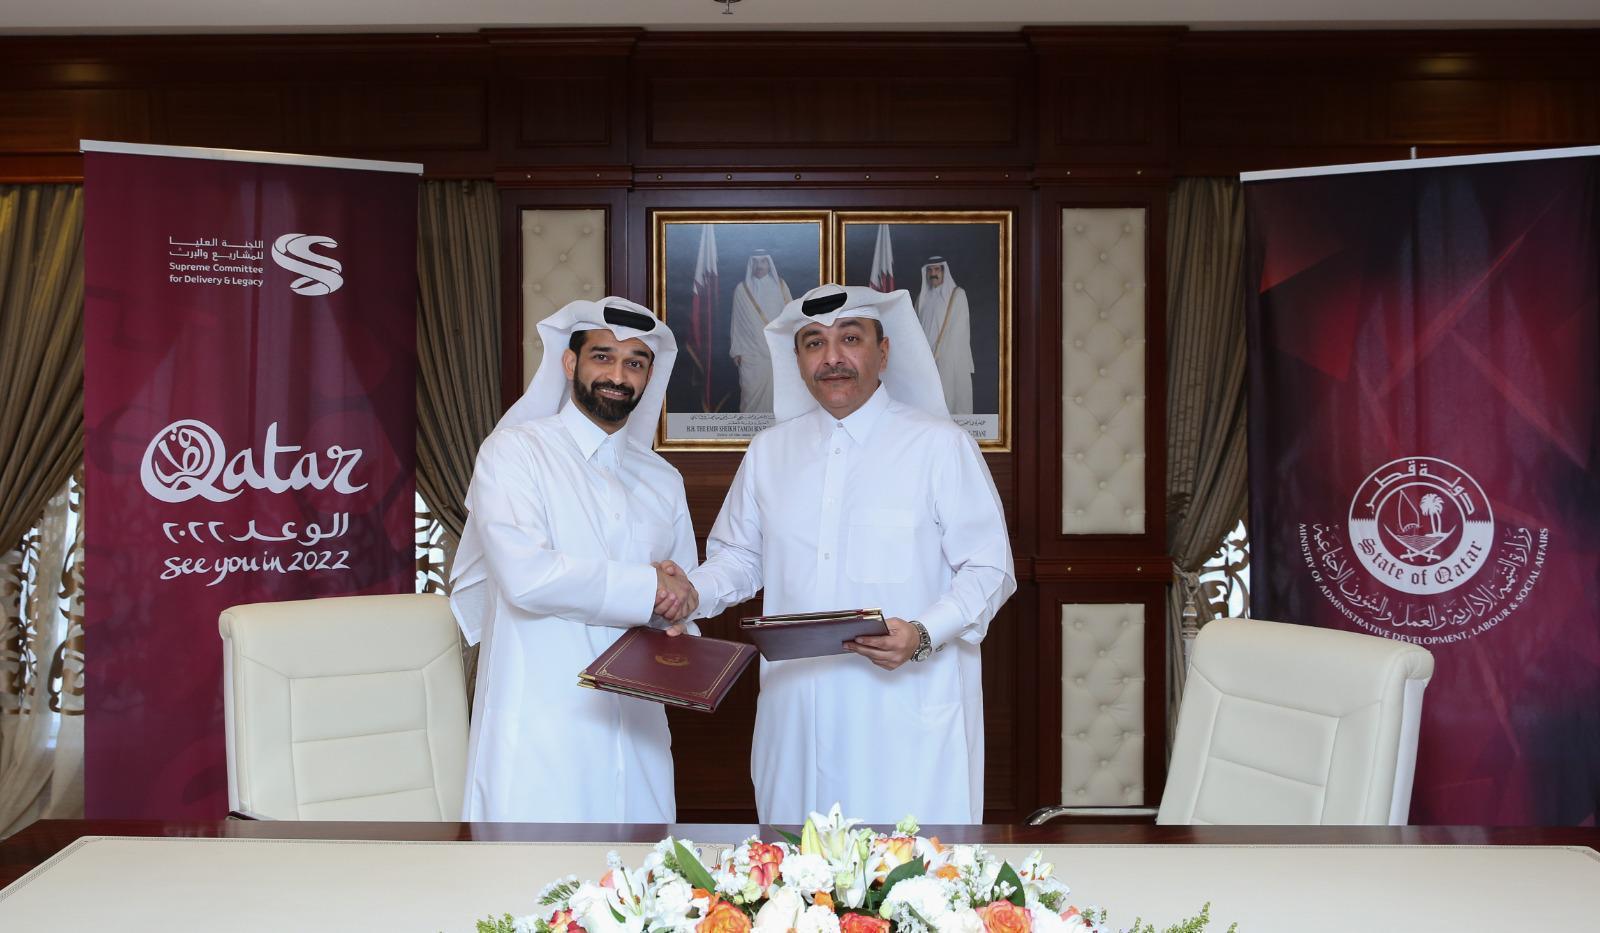 توفير أكثر من 15 ألف غرفة لجماهير مونديال قطر 2022